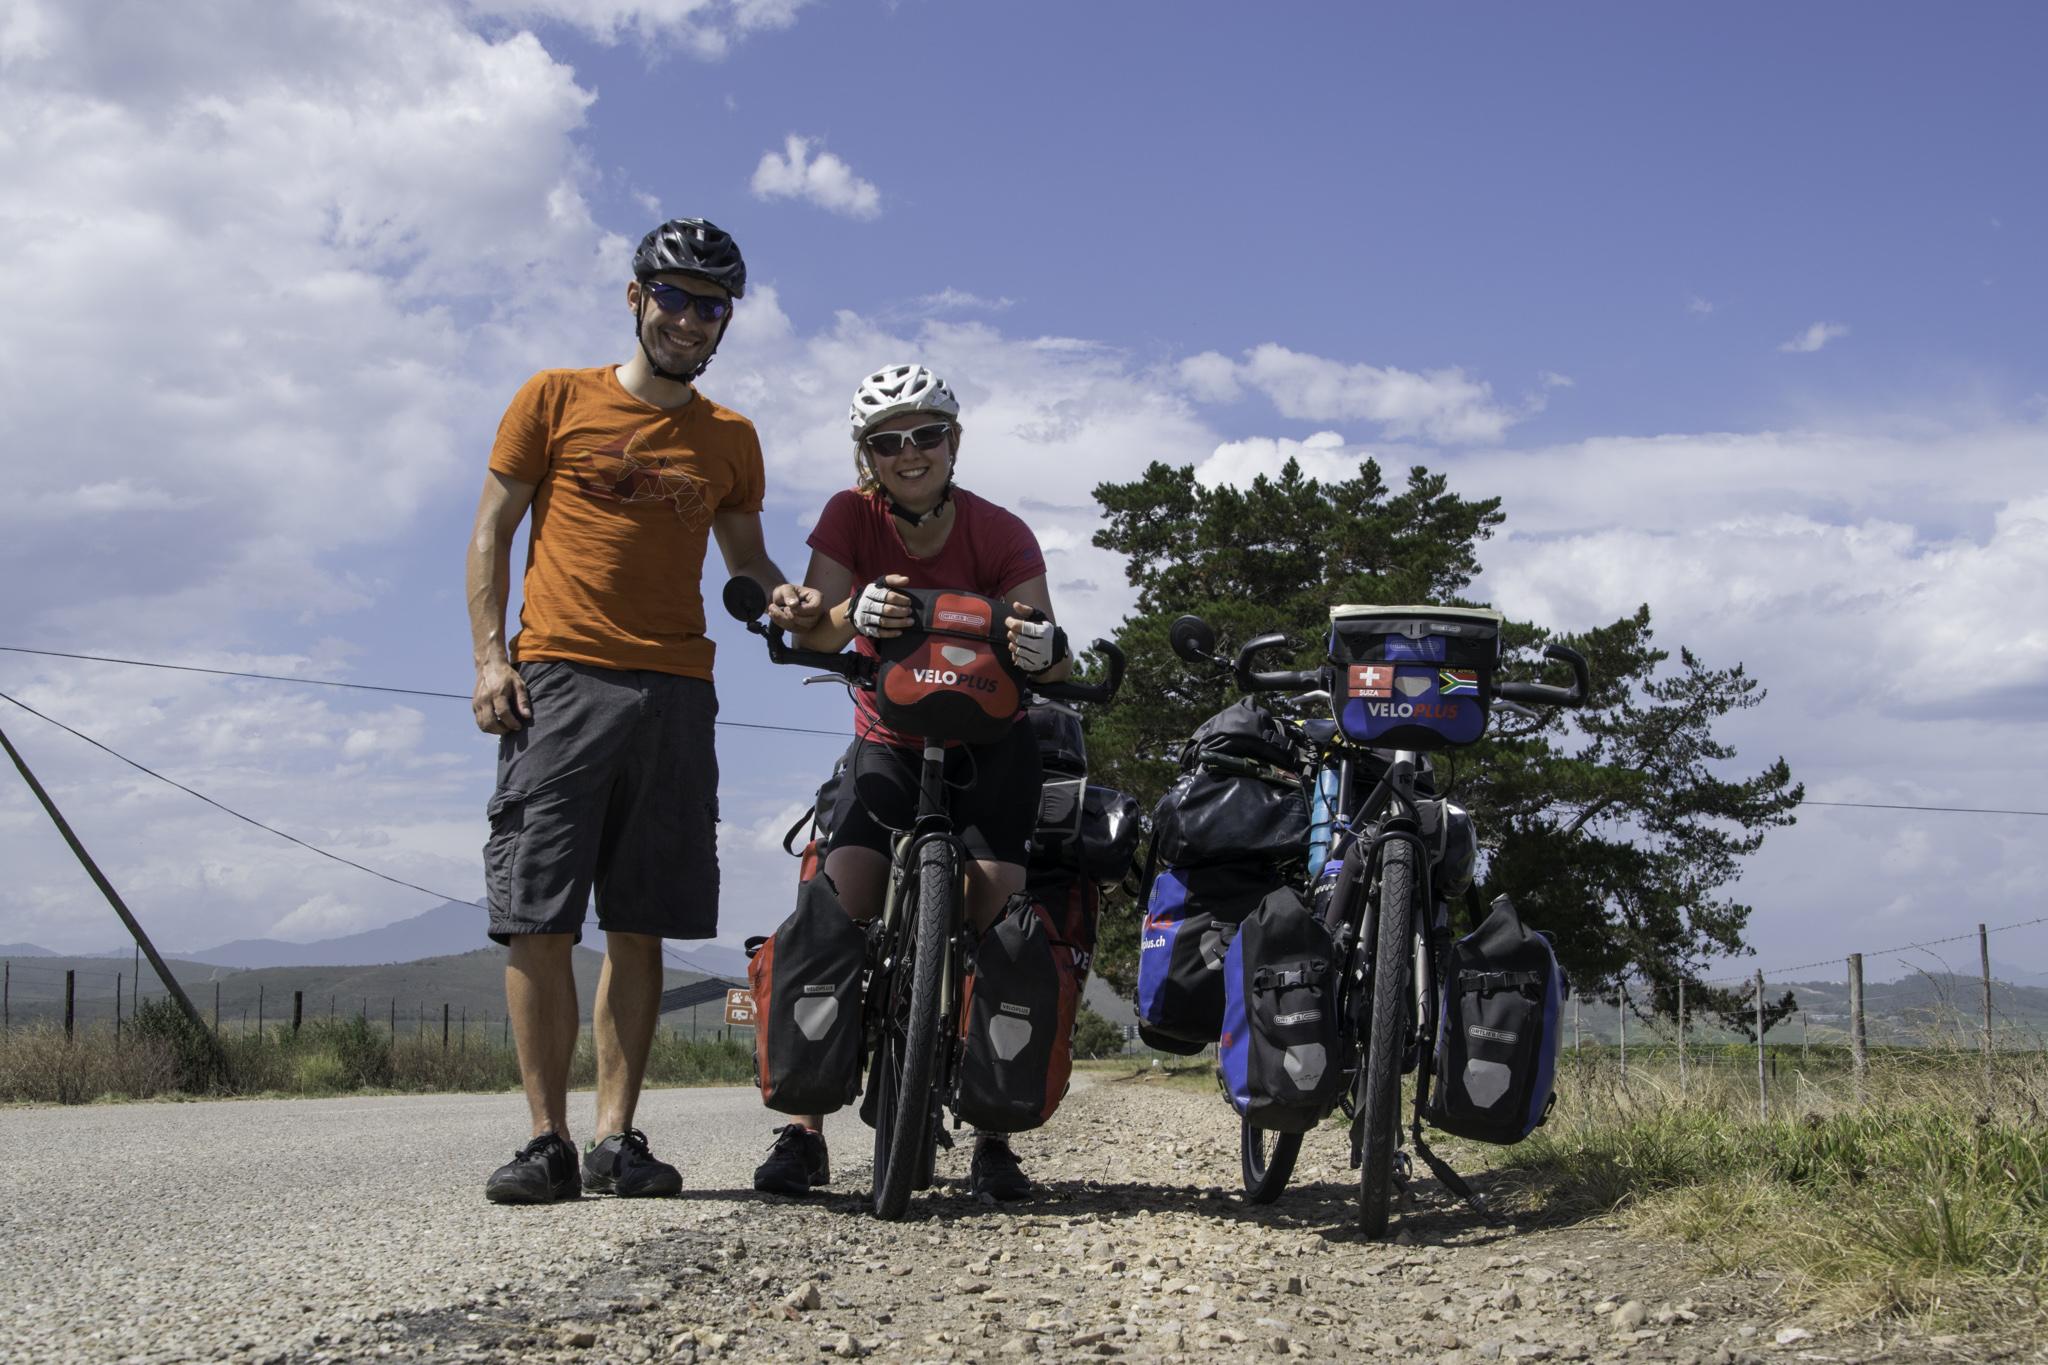 Unsere letzte 1000er-Marke - 11'000 km liegen hinter uns